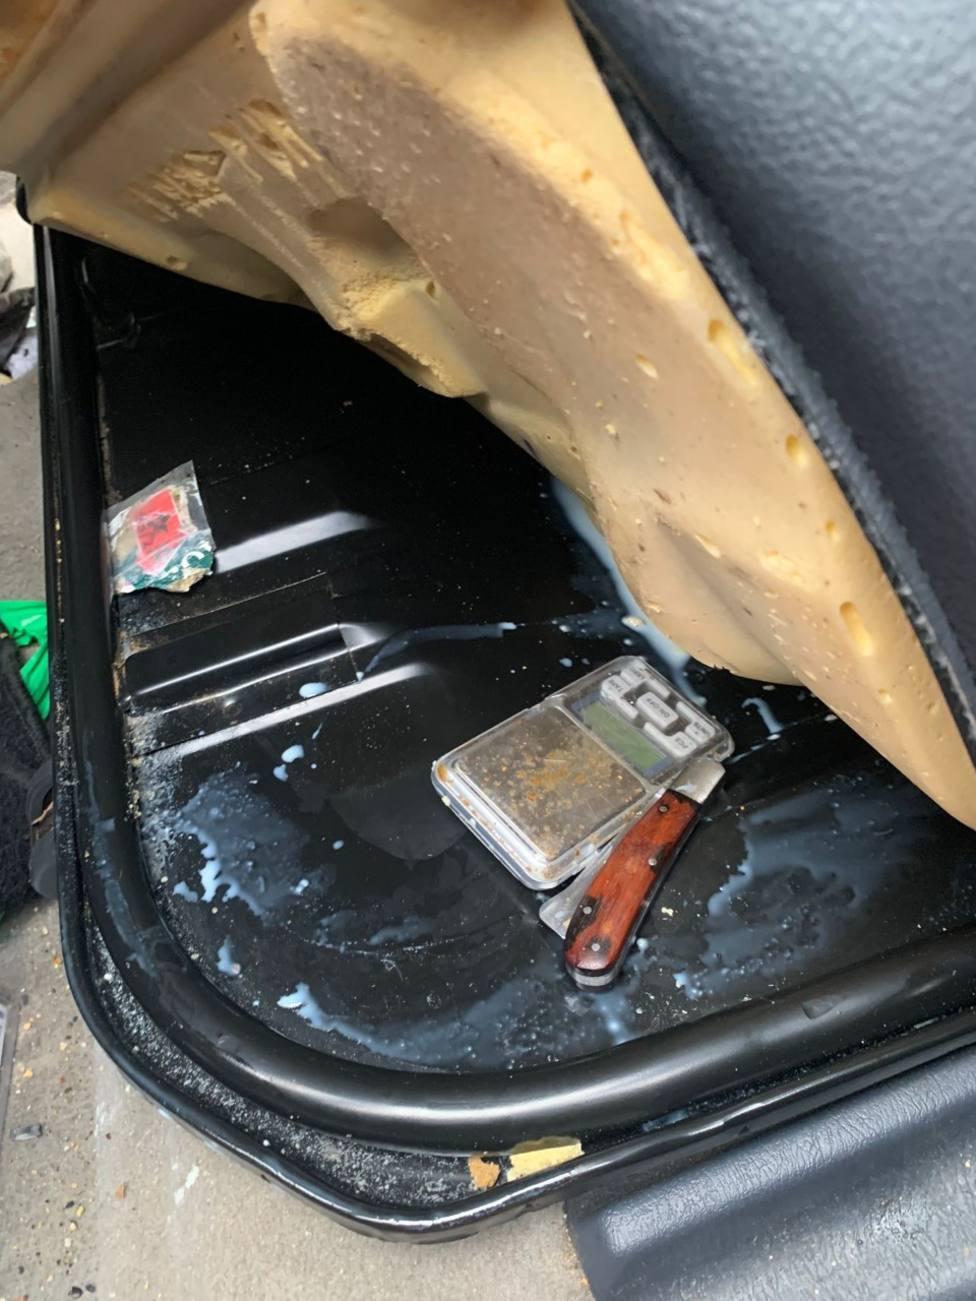 La Guardia Civil intervino útiles para manipular la droga que estaban ocultos en el tapizado